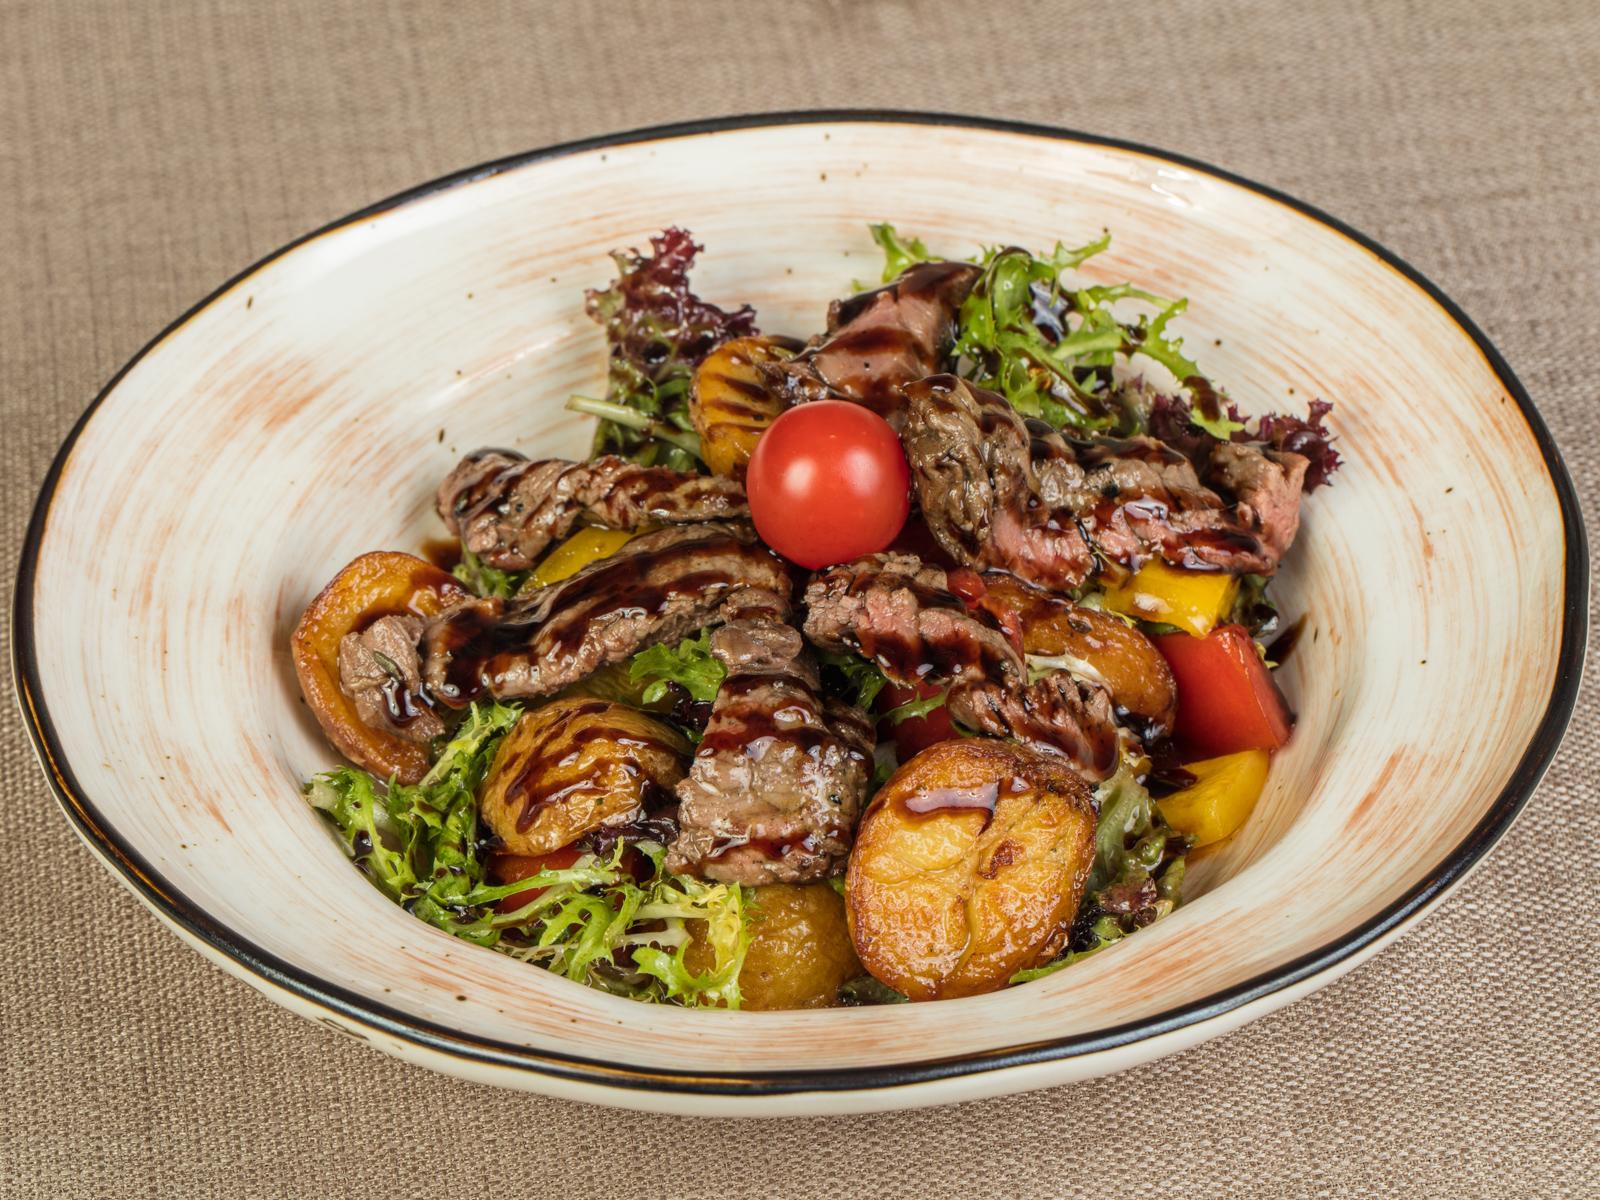 Салат теплый с телятиной гриль, печеным картофелем и свежими овощами